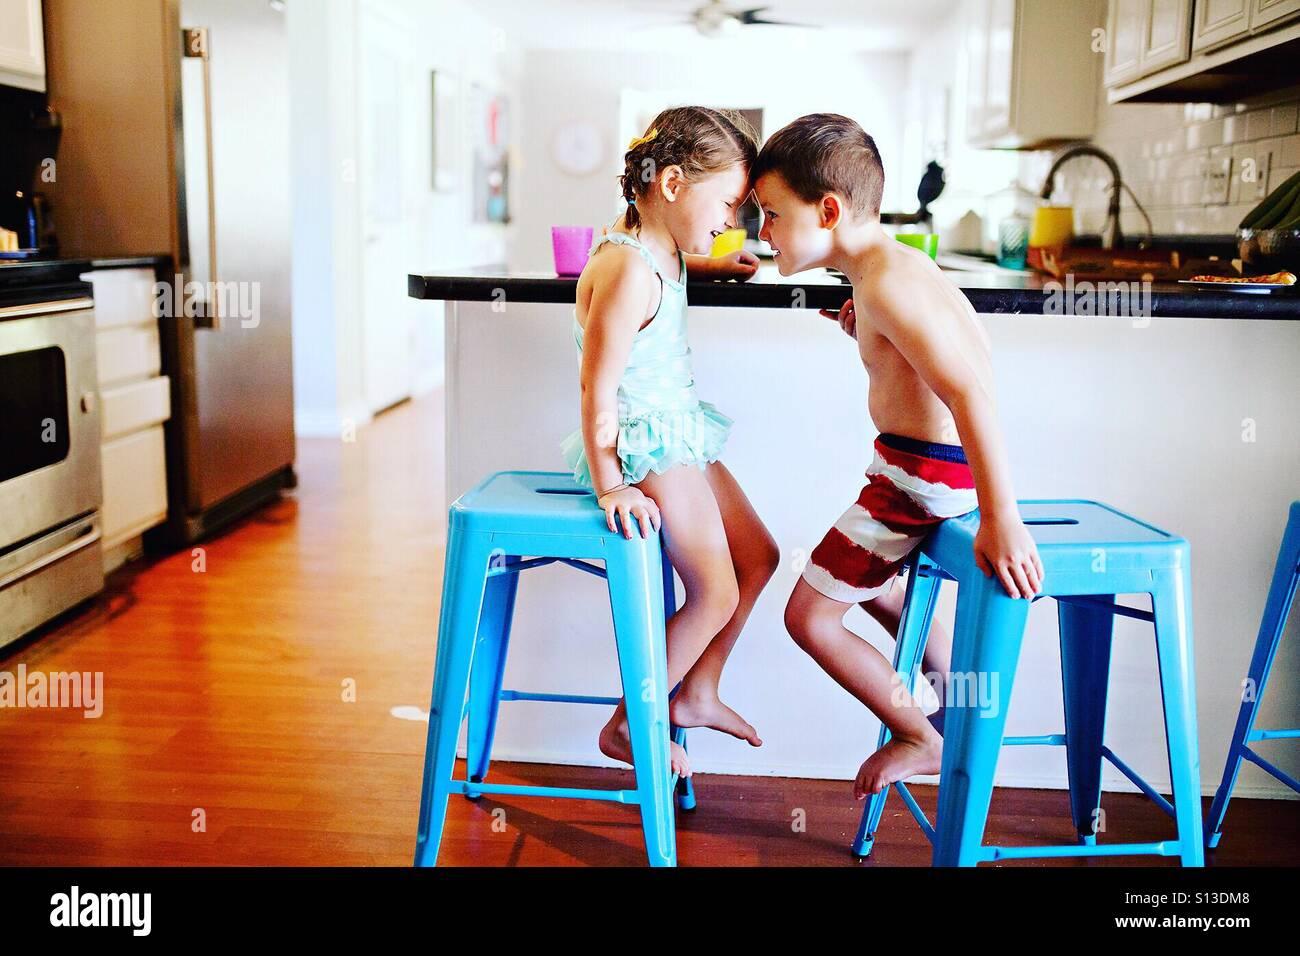 Zwei Kinder in Badesachen albern zu den Mahlzeiten zu Hause in modernen Küche Stockbild